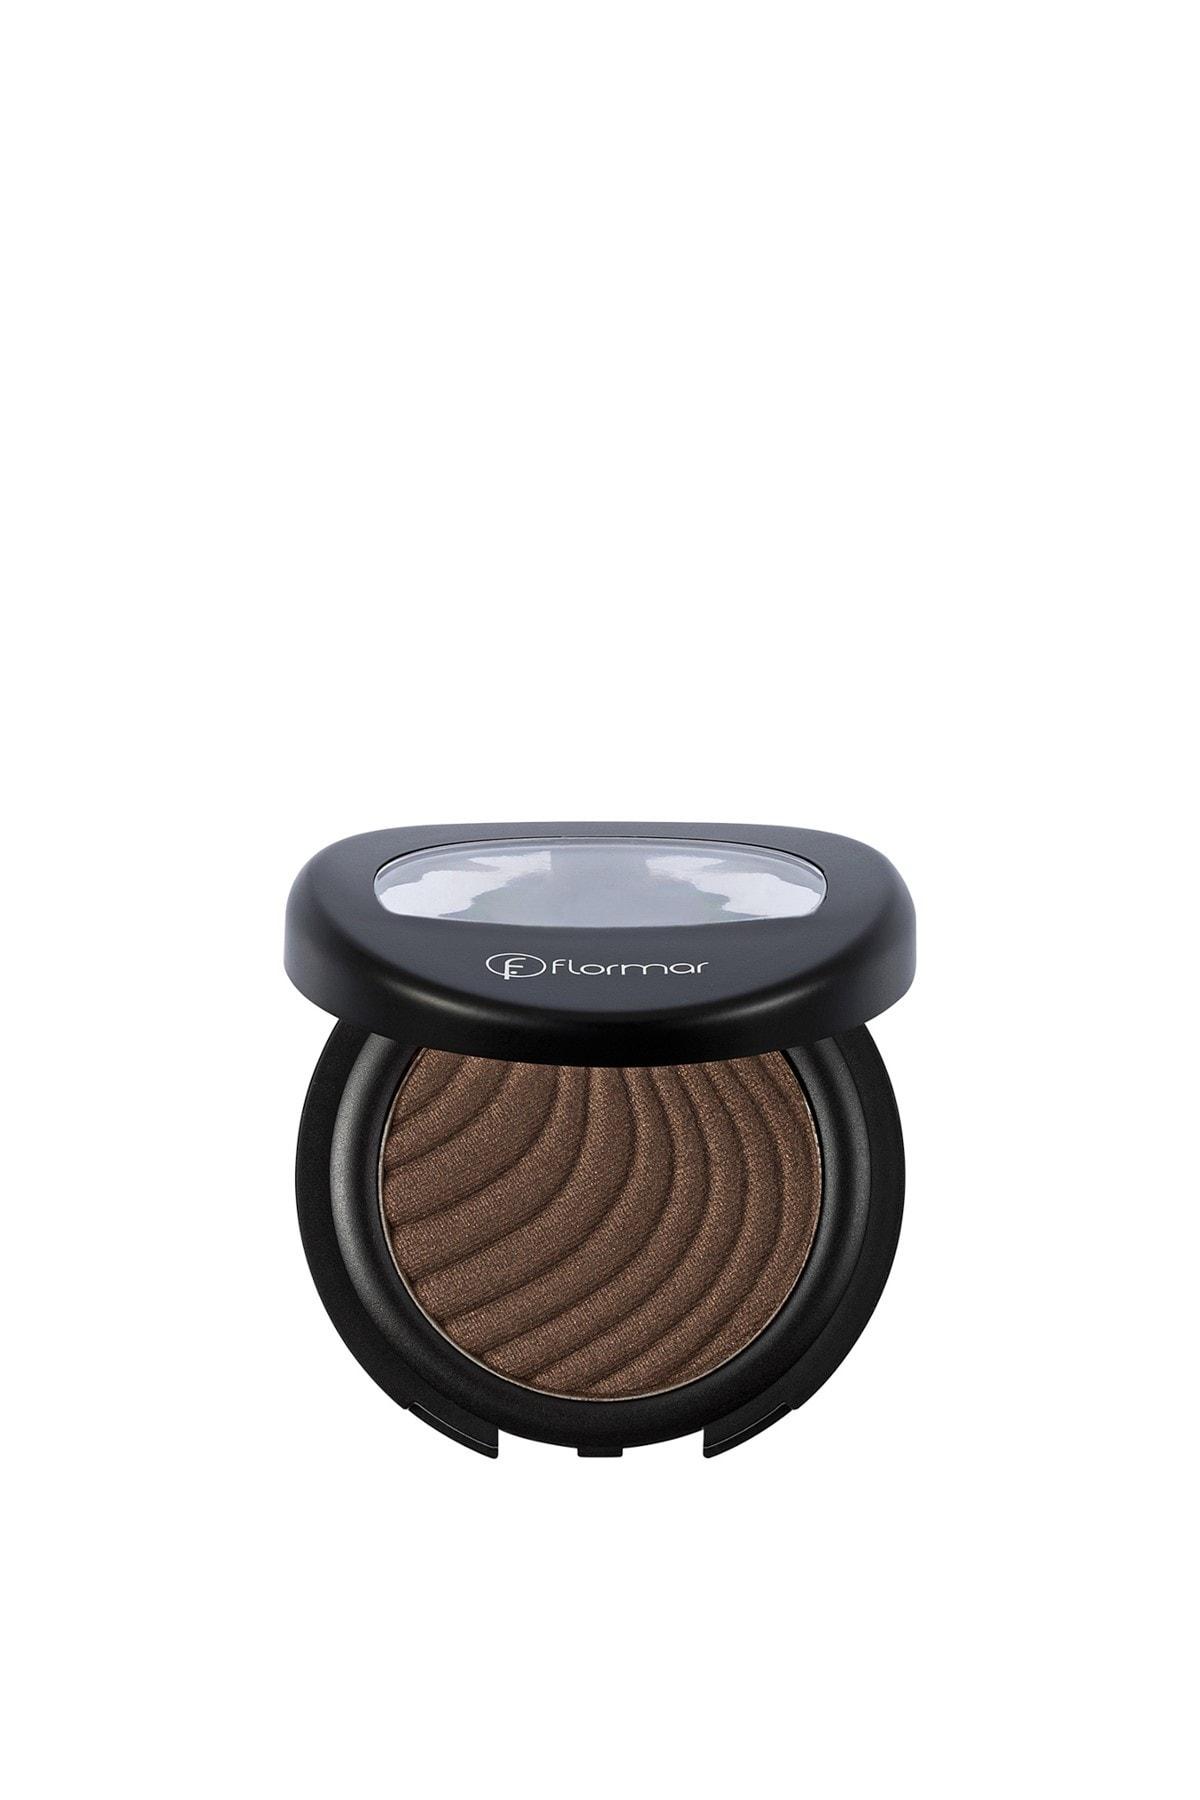 Göz Farı - MoNo Eyeshadow Royal Brown 4 g 8690604038664